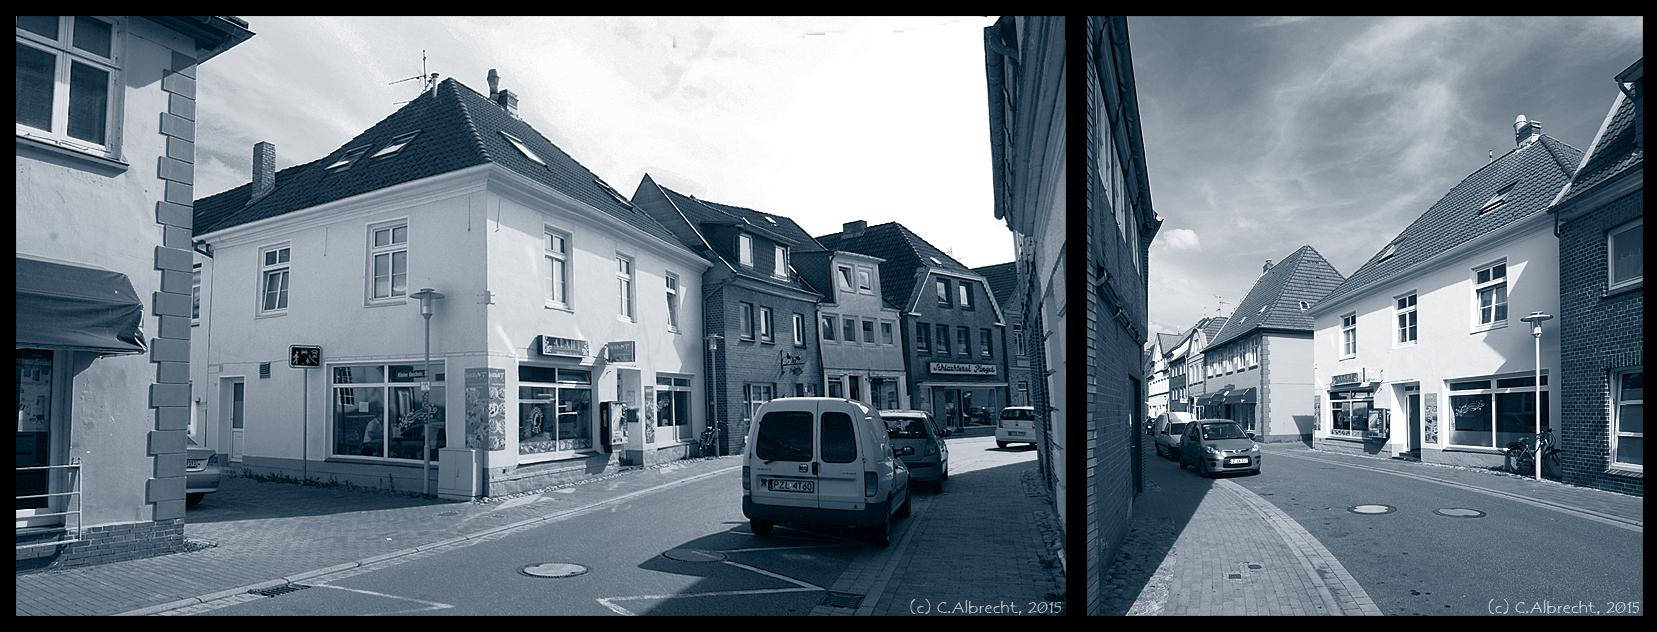 Schlachterstrasse 7 - ehemaliges Gemeindehaus (Kirche, Schule) der Mennoniten, Remonstranten und Reformierten